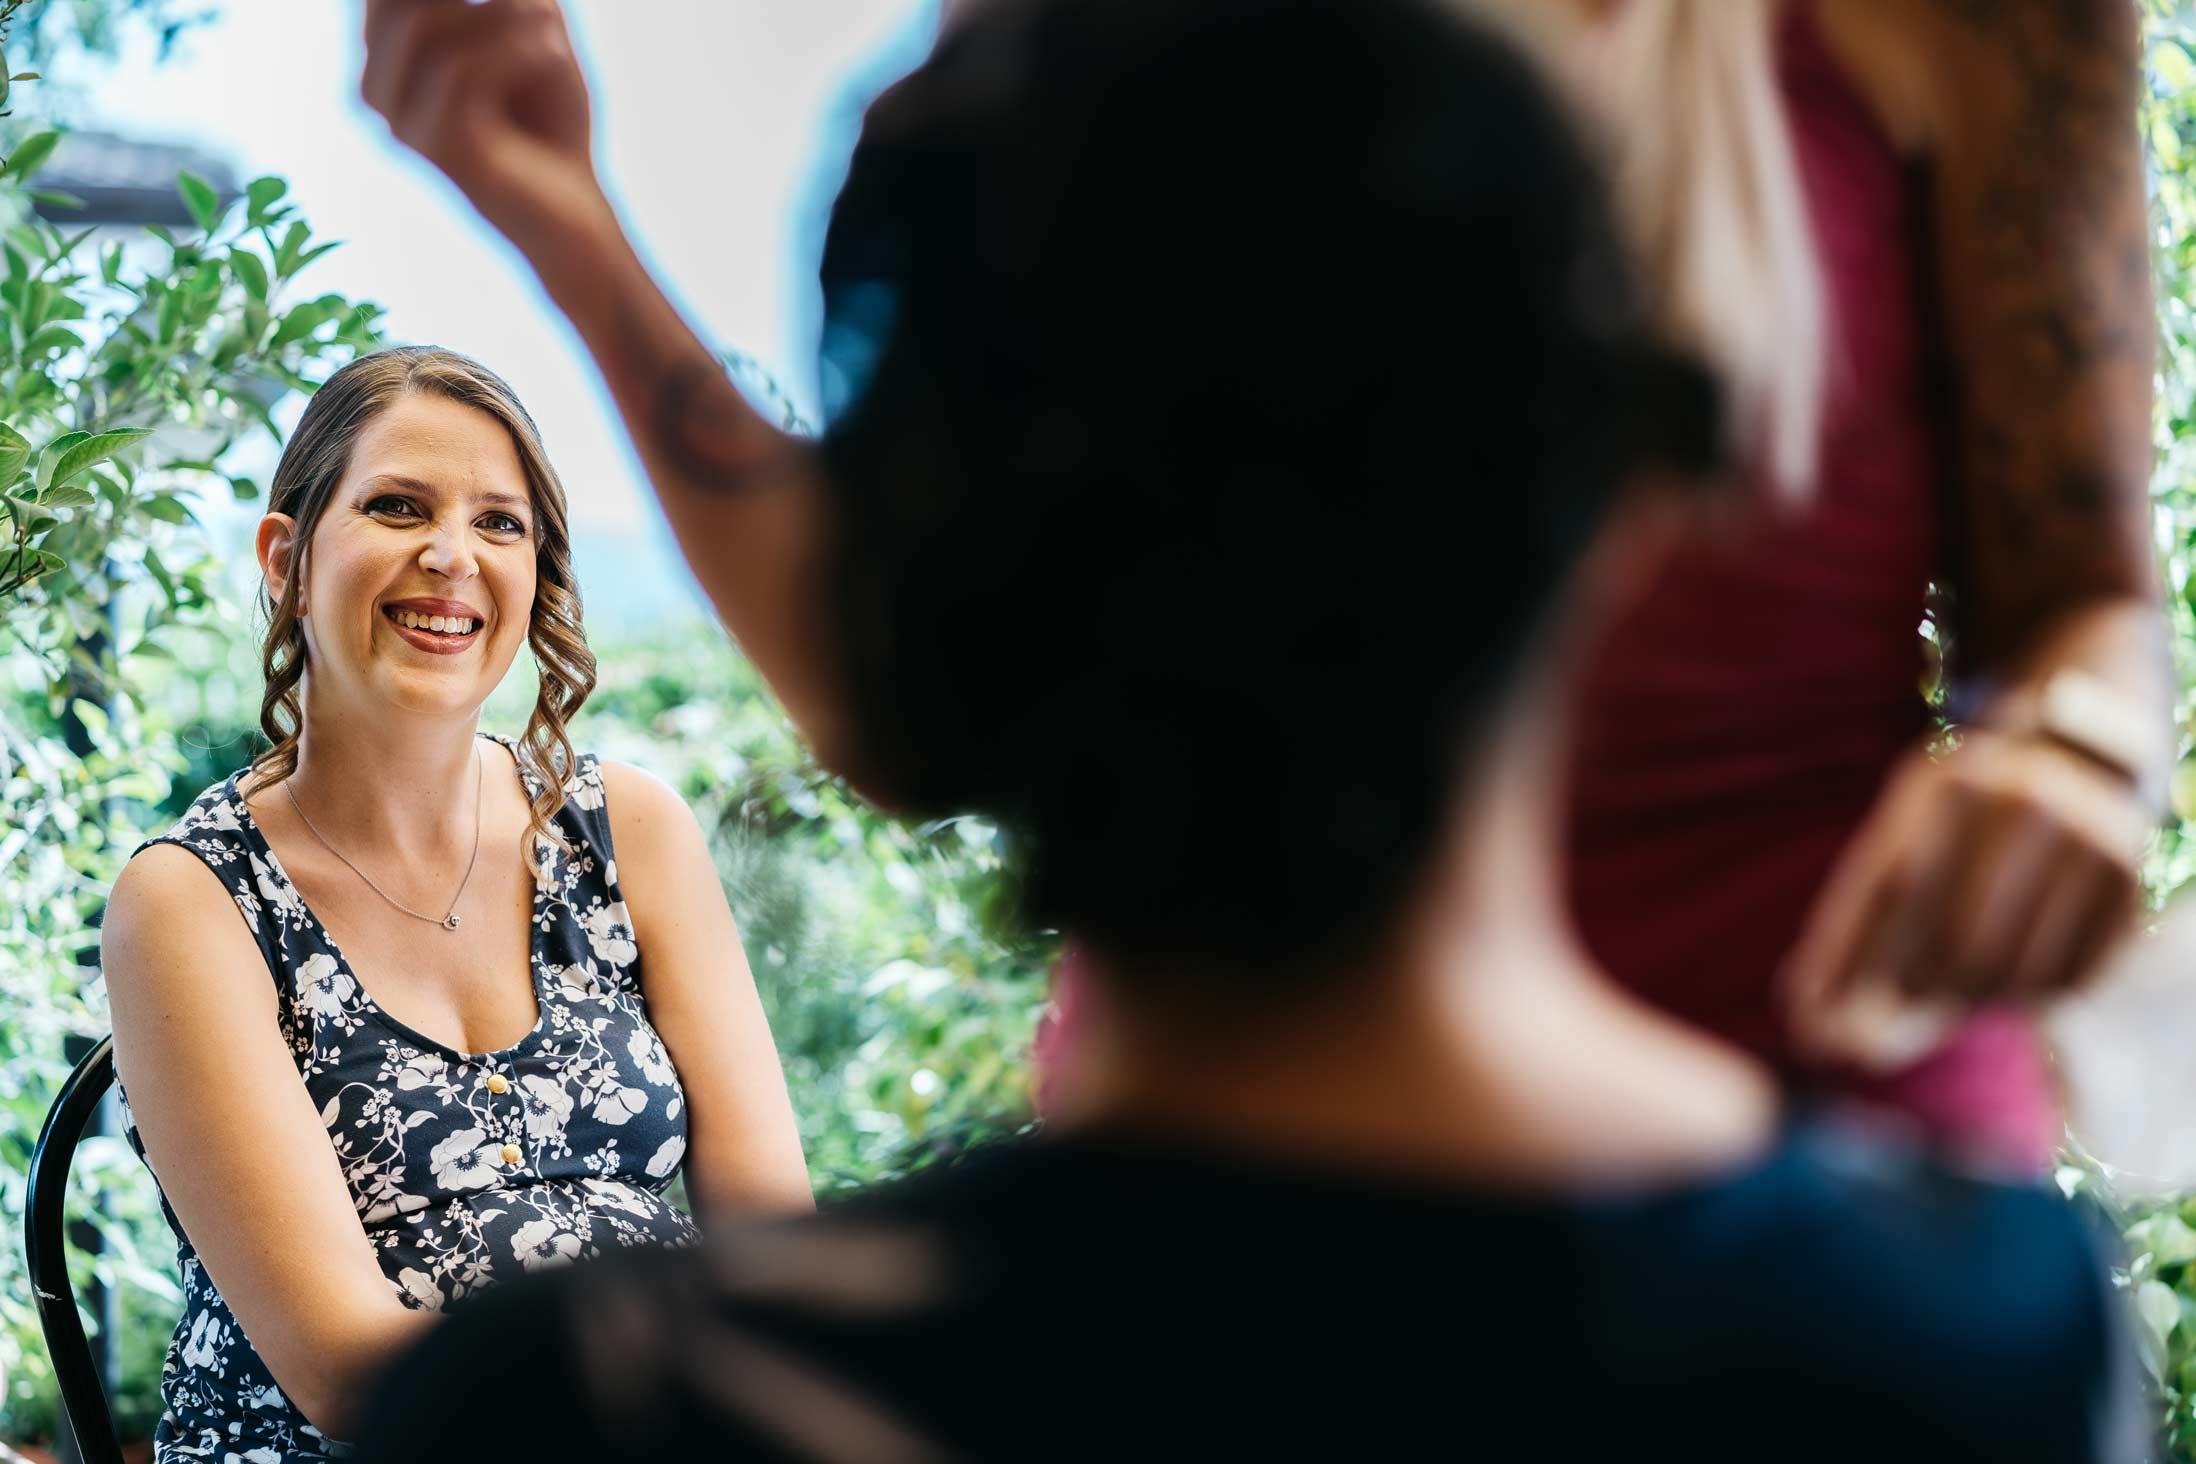 Fotografo-Stile-Reportage-Di-Matrimonio-Preparativi-Sposa